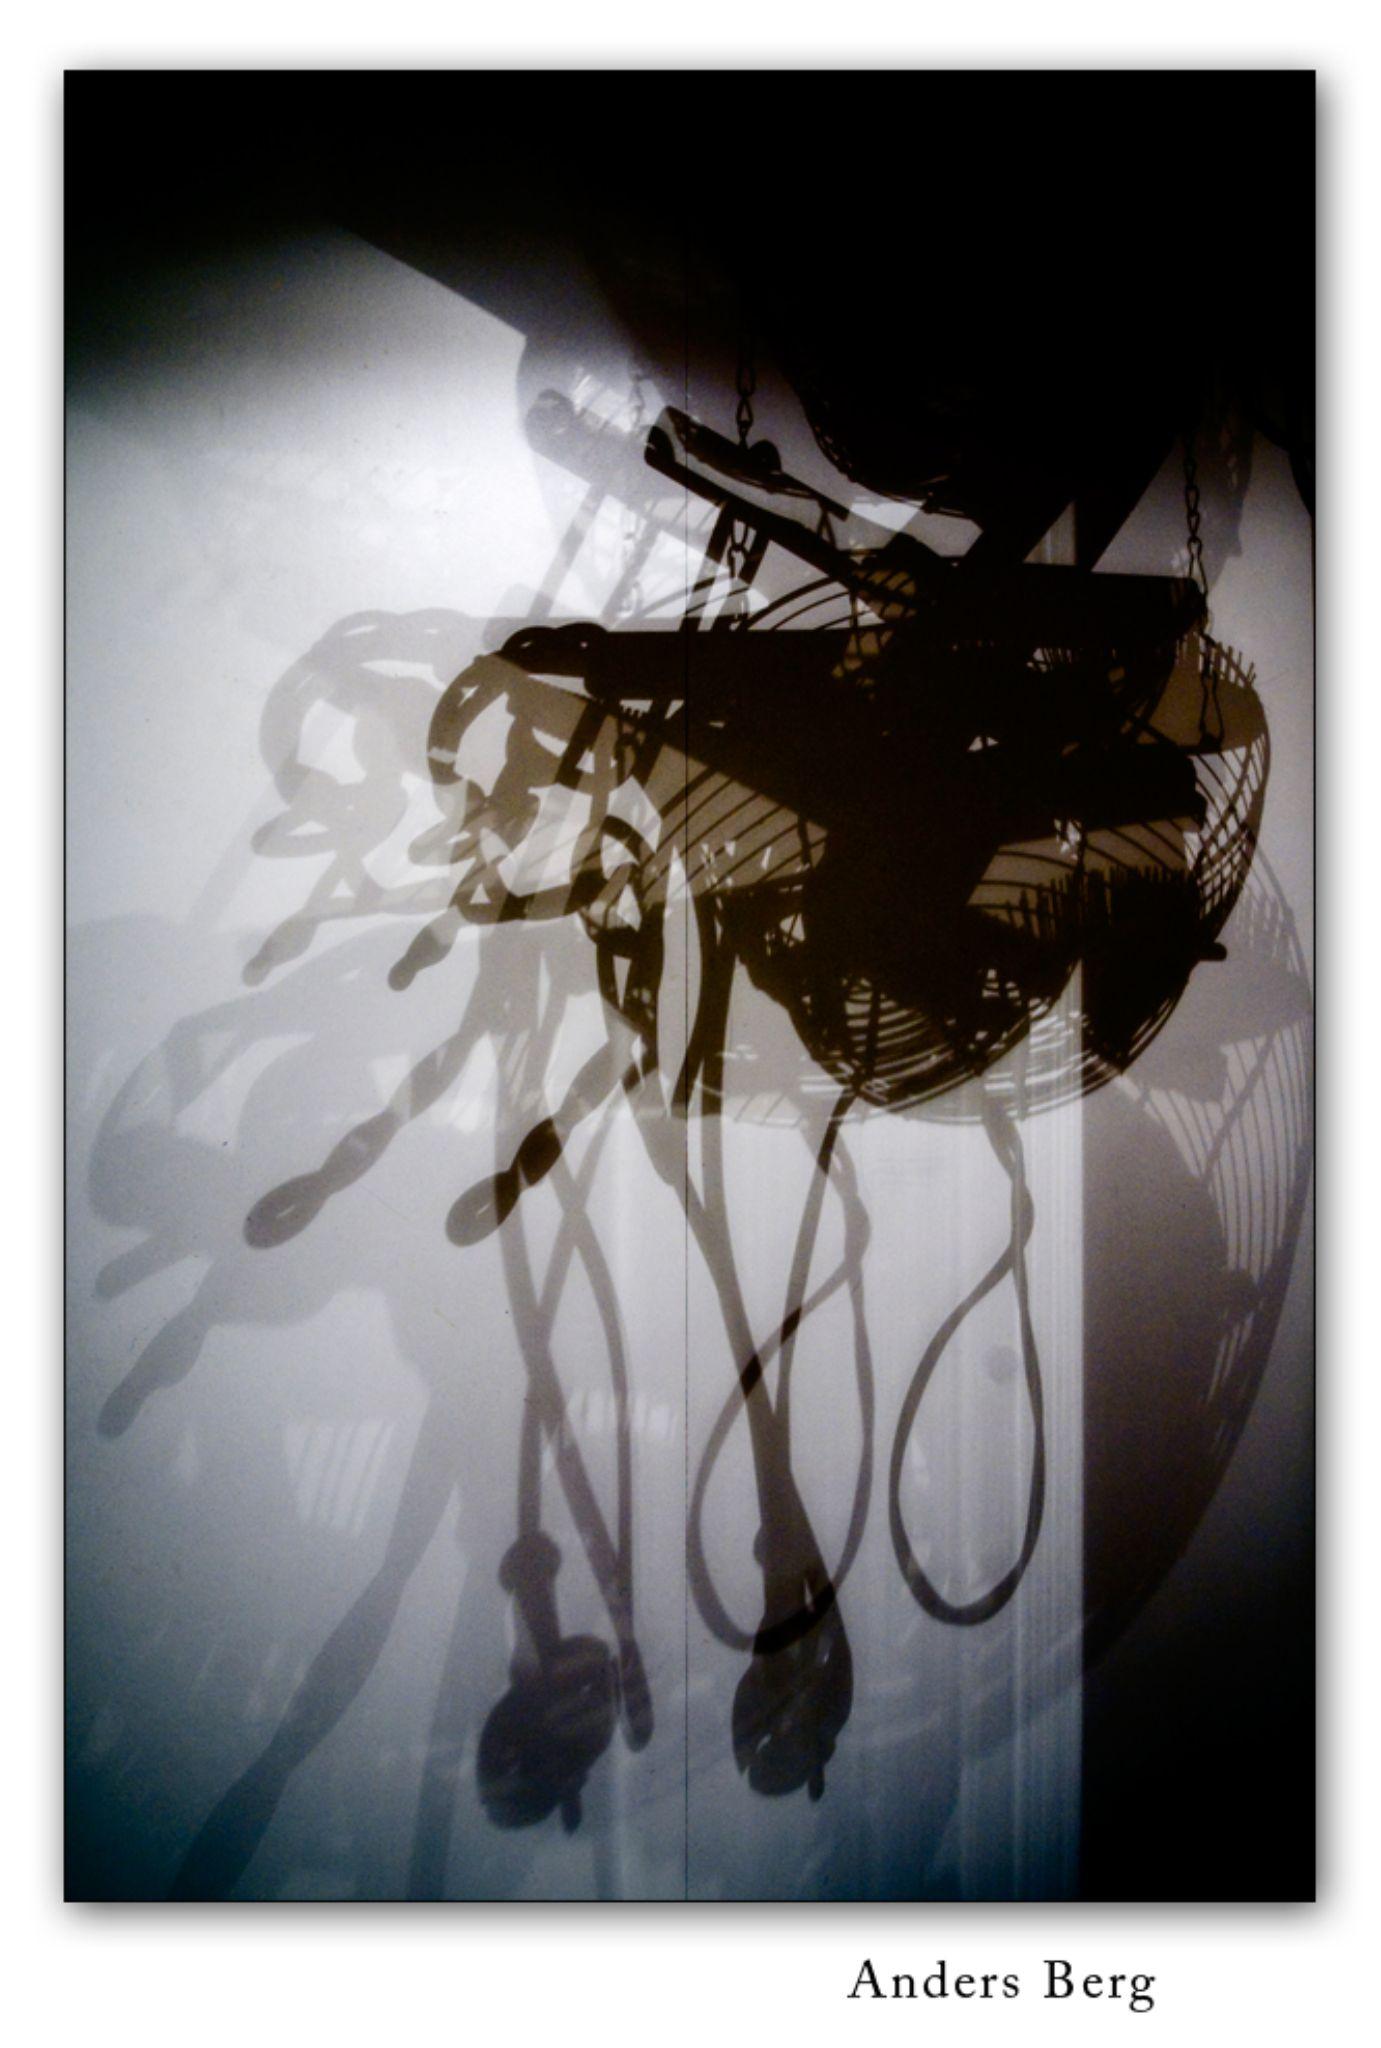 Shadow of Doubt by pandaanders